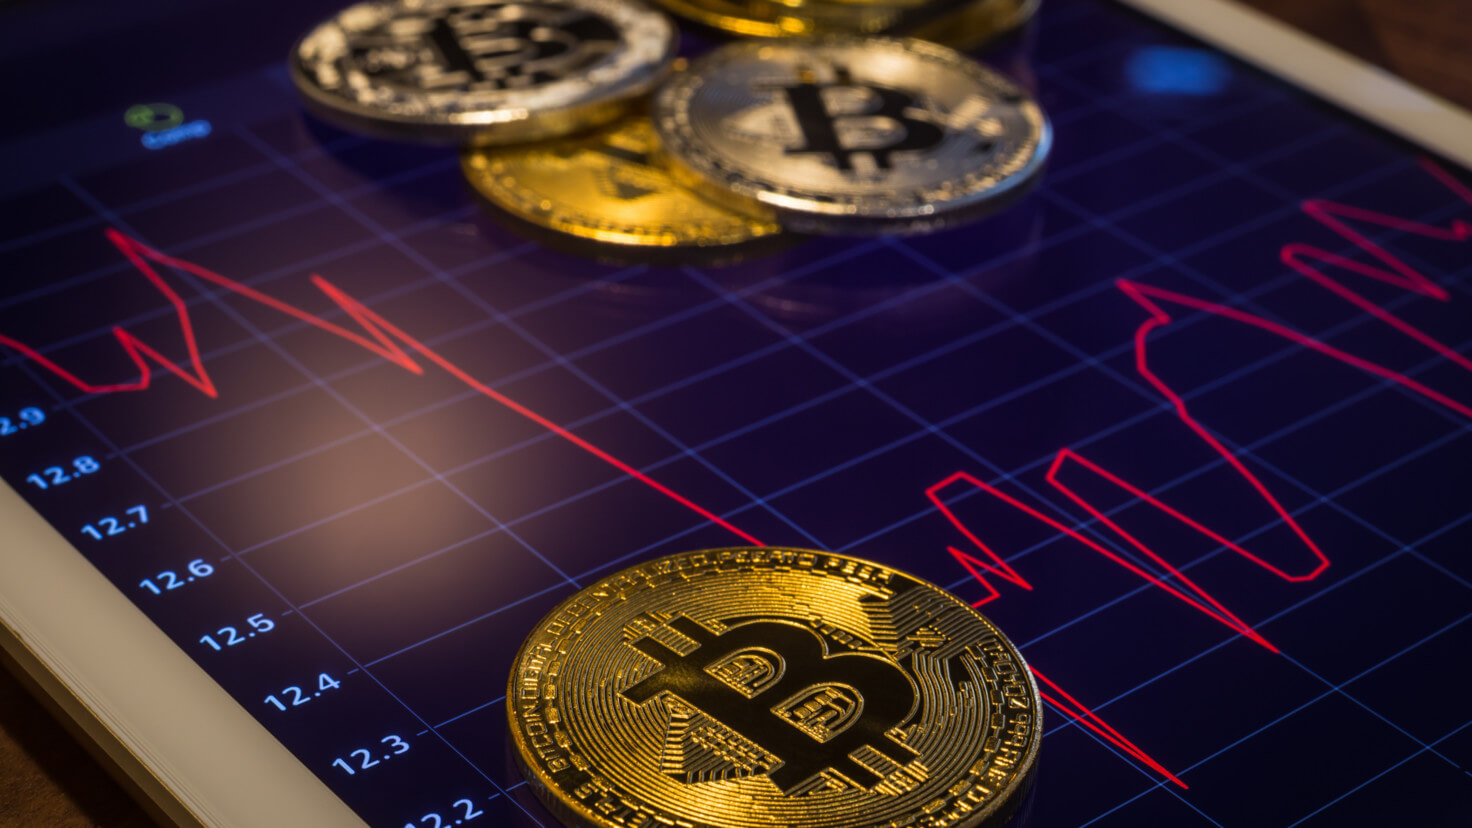 Yeni Başlayanlar İçin Kripto Para Rehberi 1 - Kripto Para Rehberi